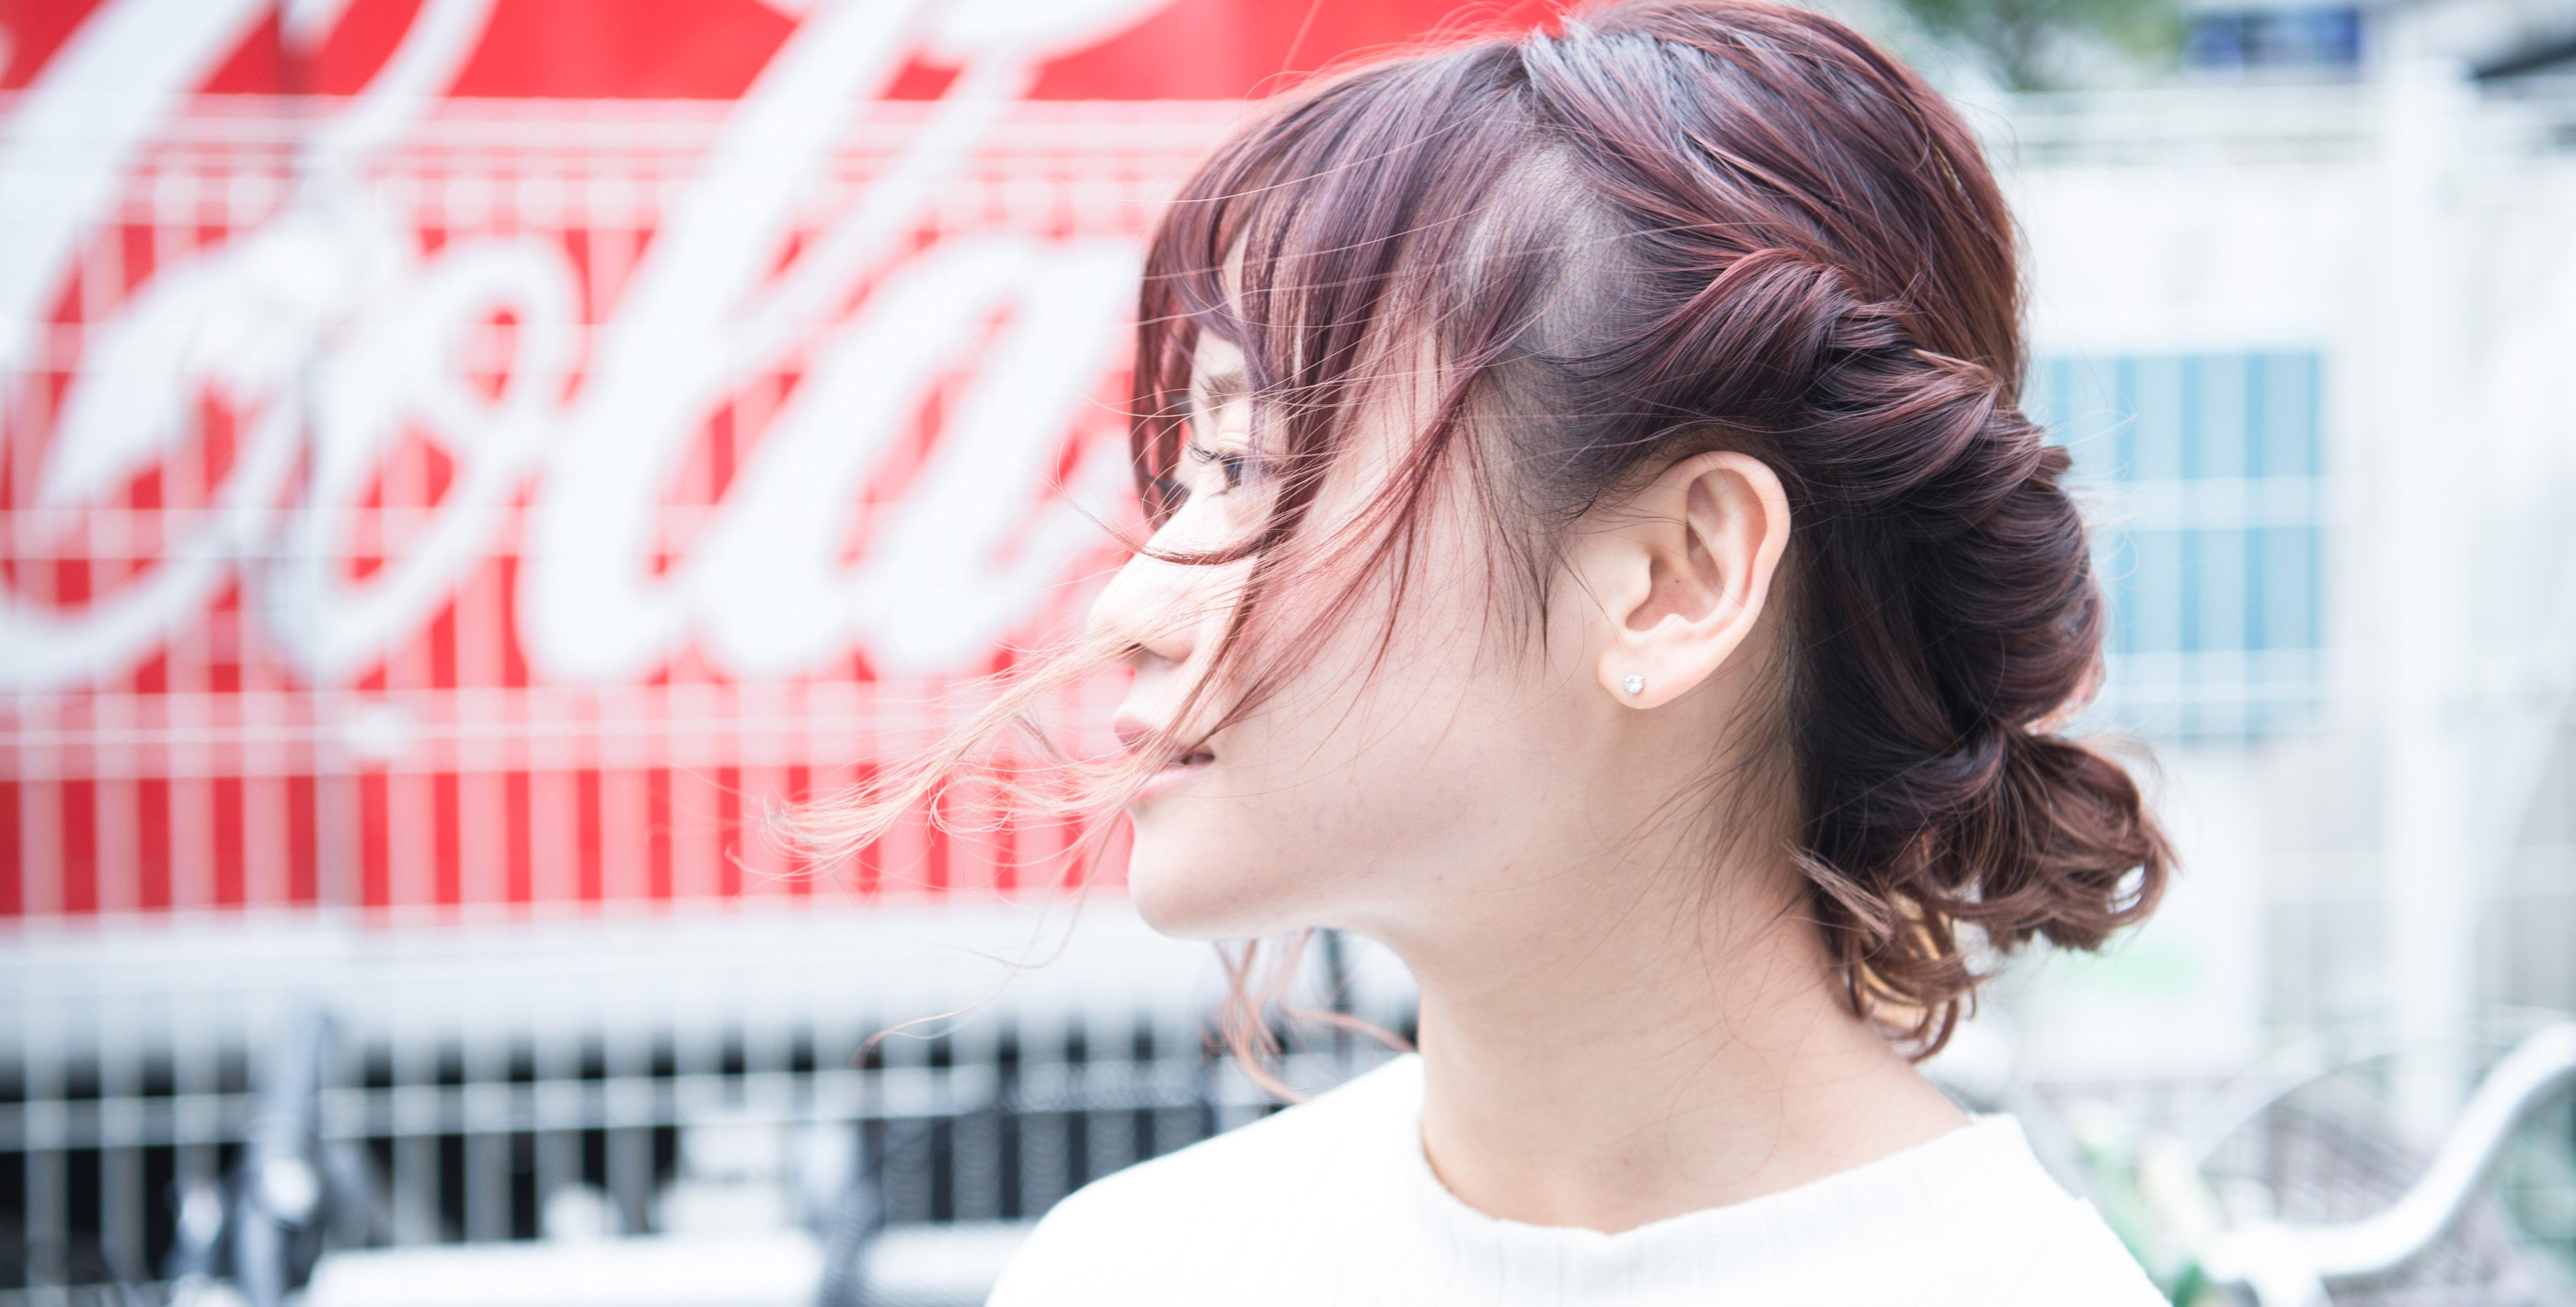 自由が丘の美容室ならKeep hair design。貴方が一番輝ける、明日が待ち遠しくなるような感動を